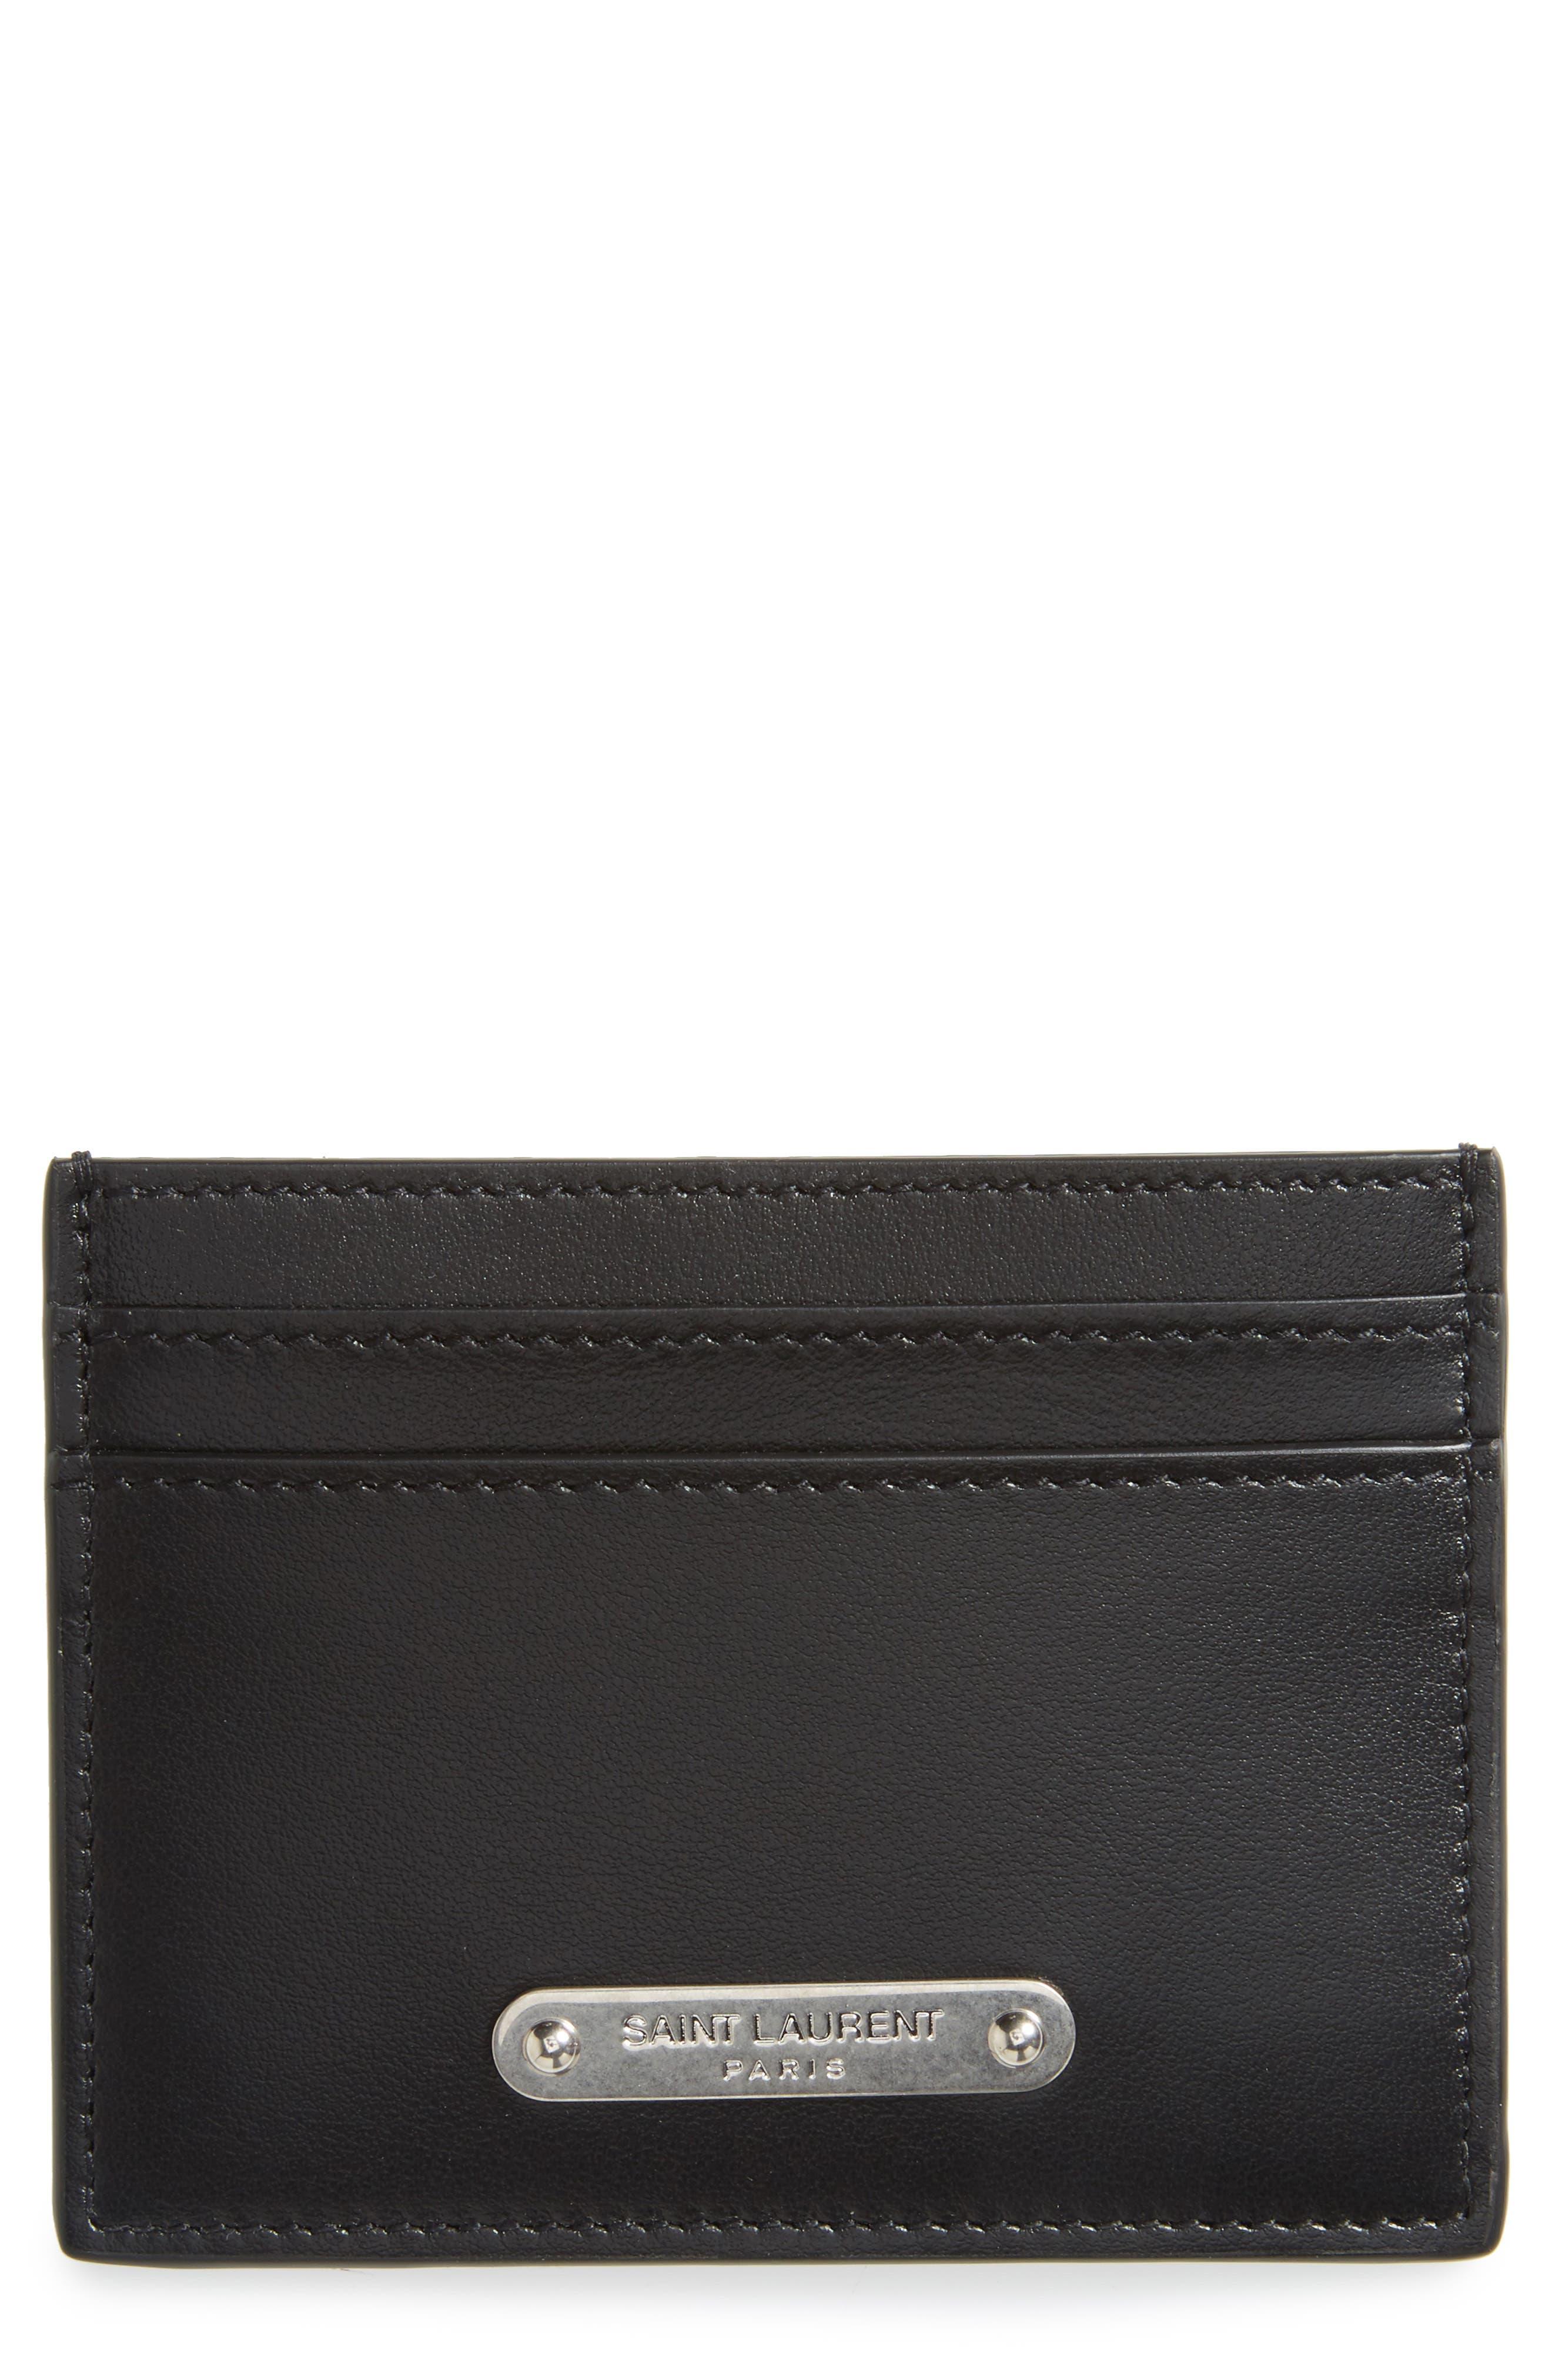 Main Image - Saint Laurent Plate Leather Card Case